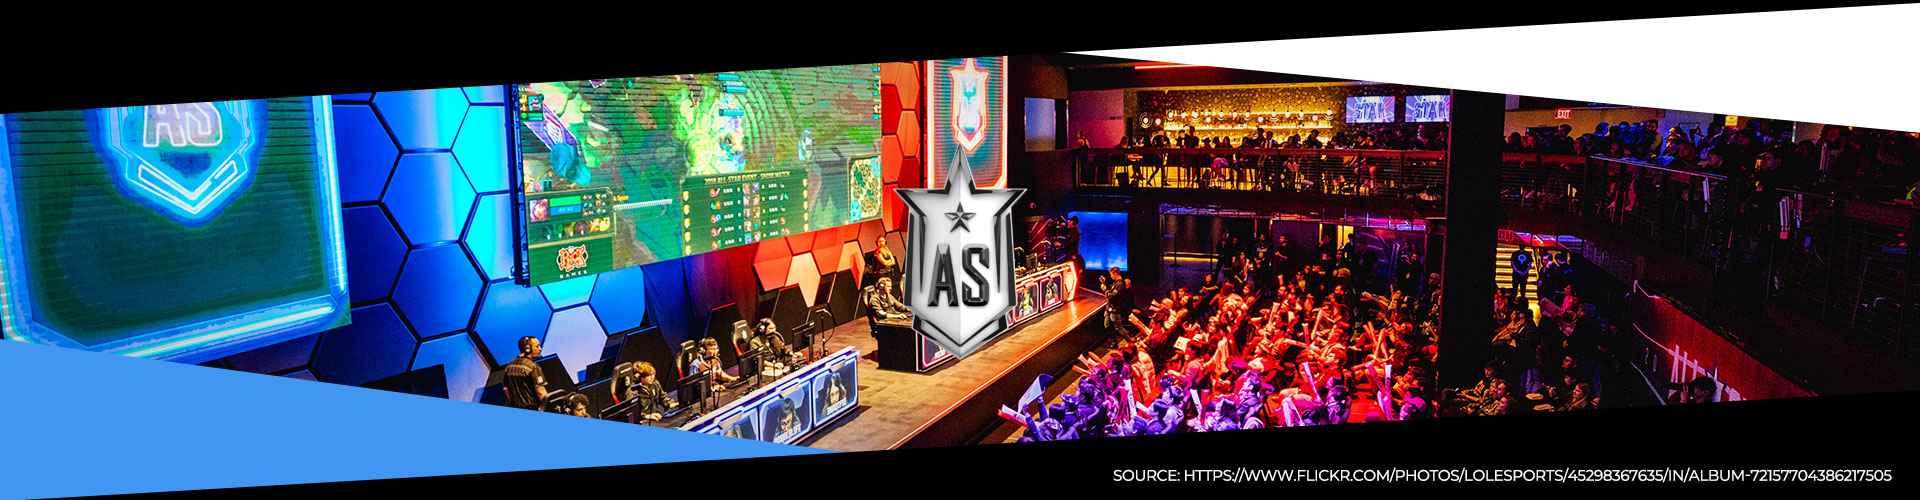 Eventsida för All-Star 2019 som spelas i Las Vegas.